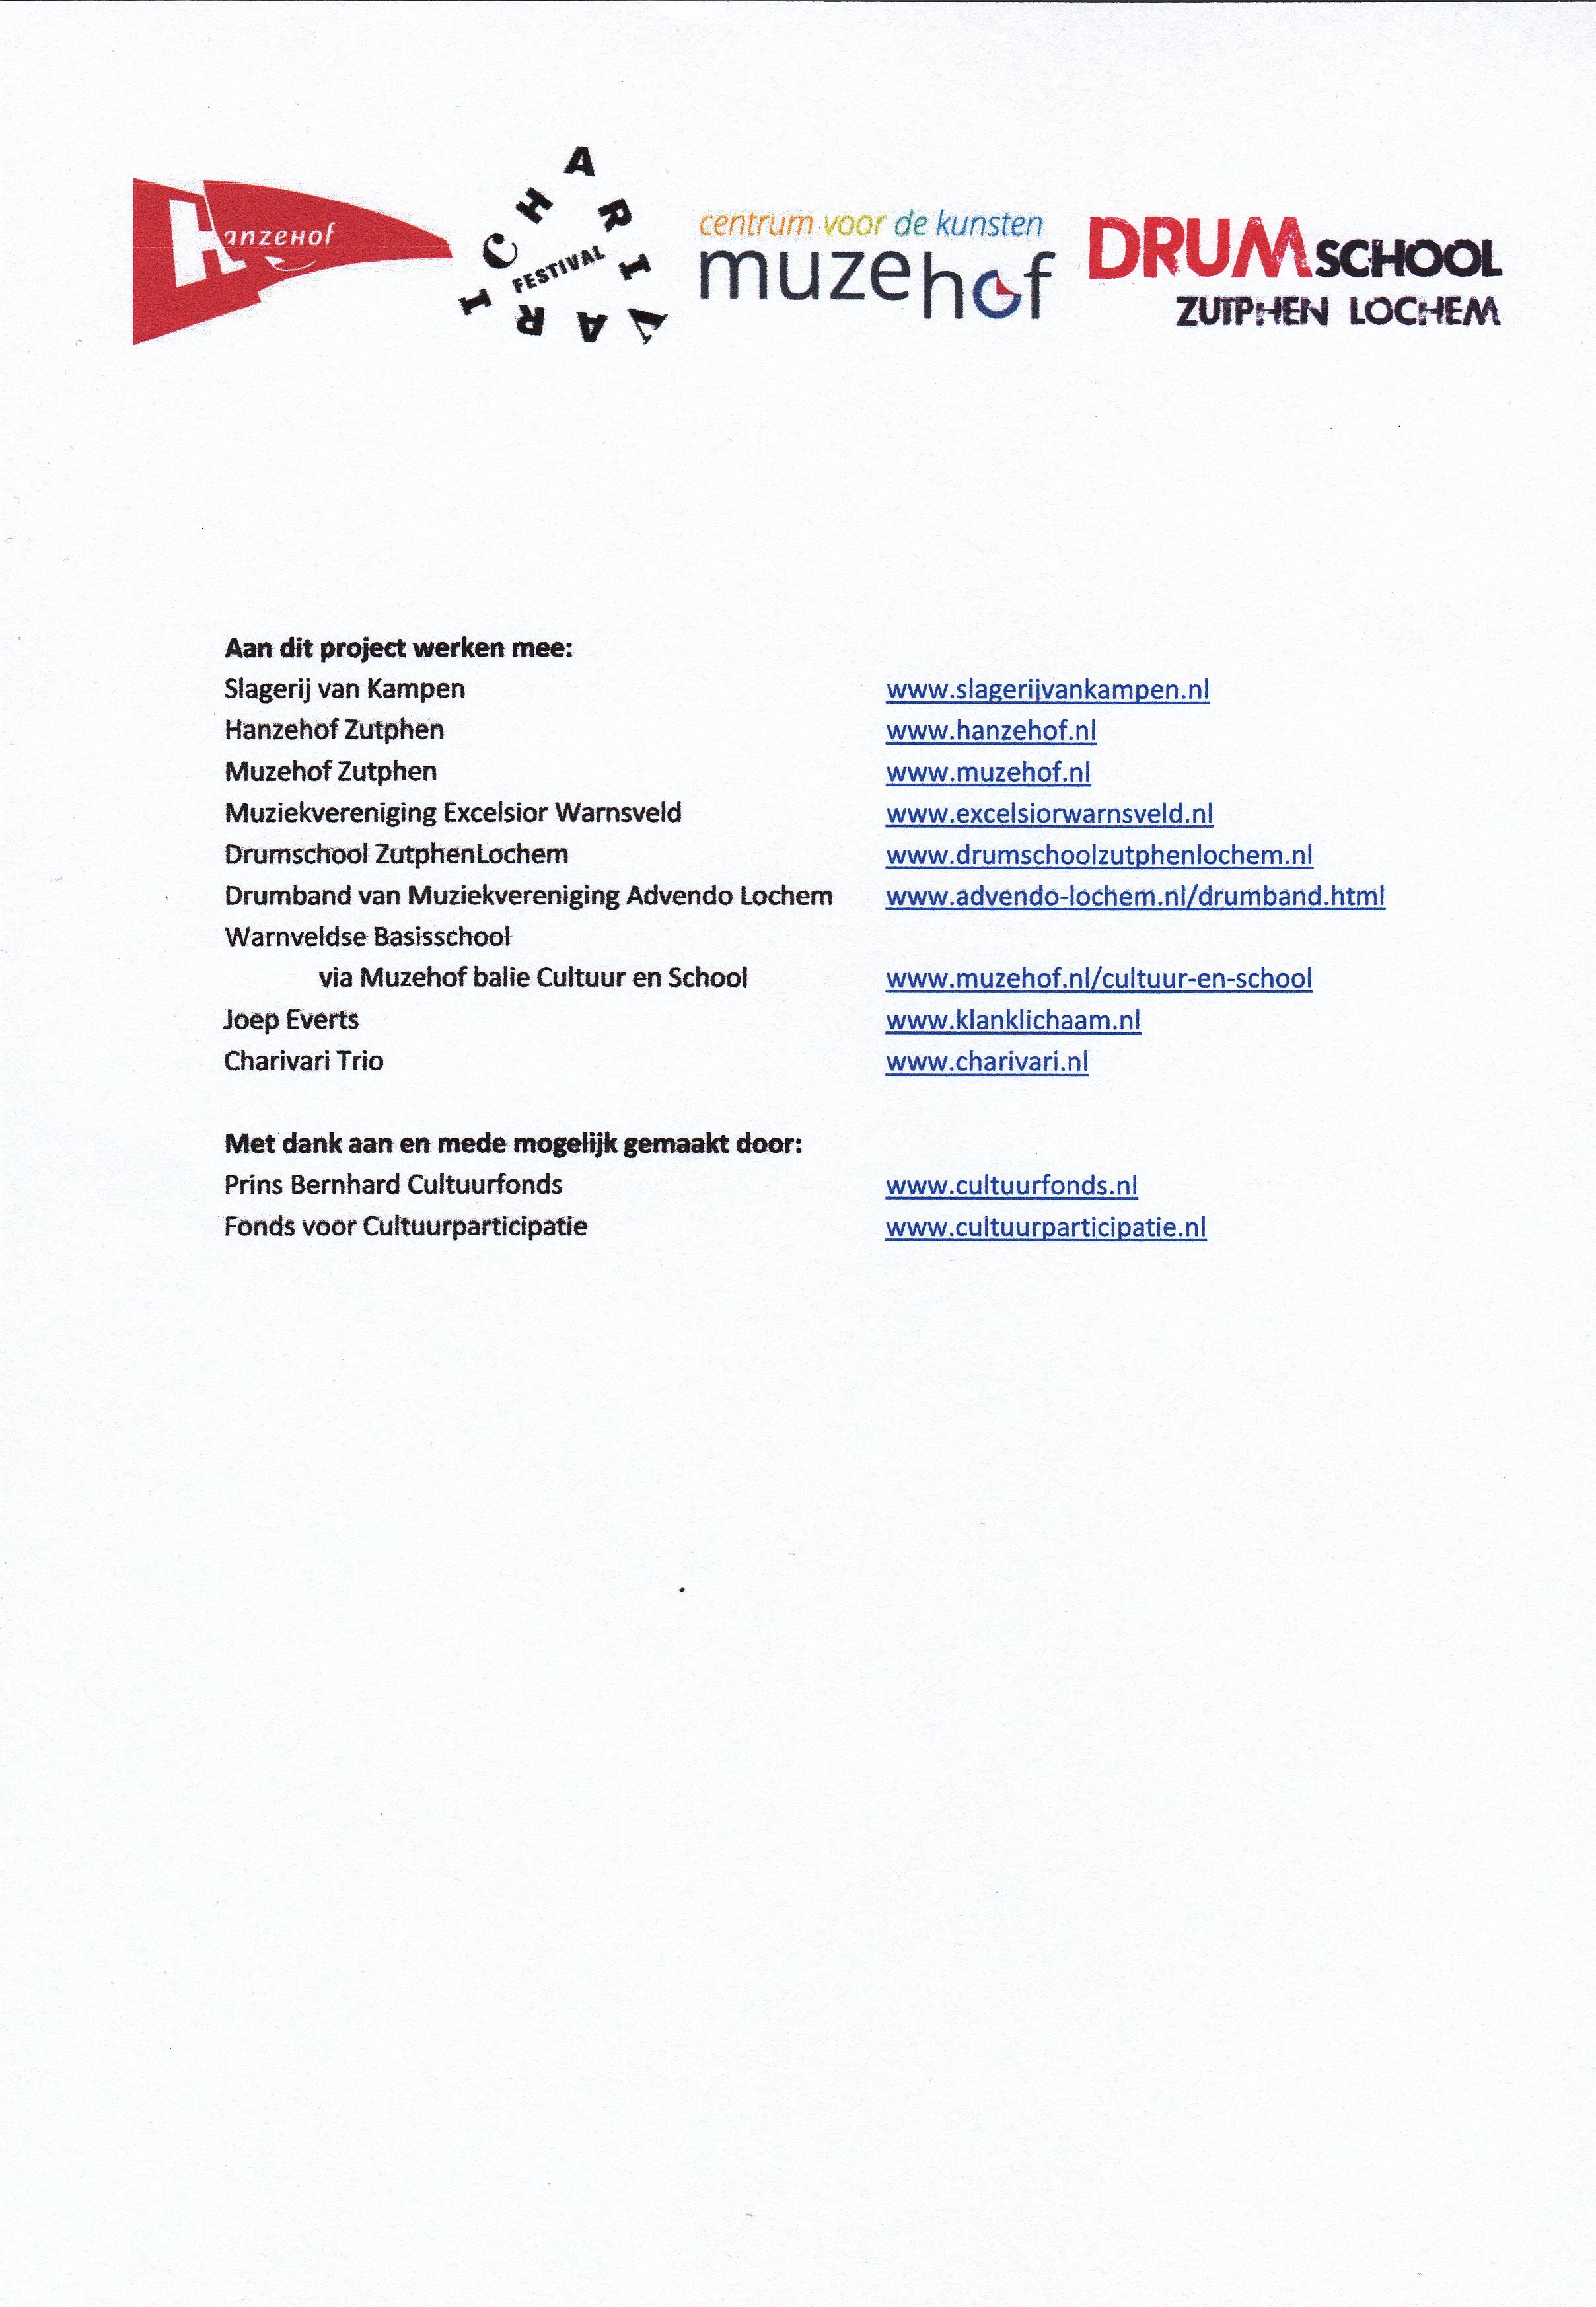 Uitnodiging workshop en concert Slagerij van Kampen 3